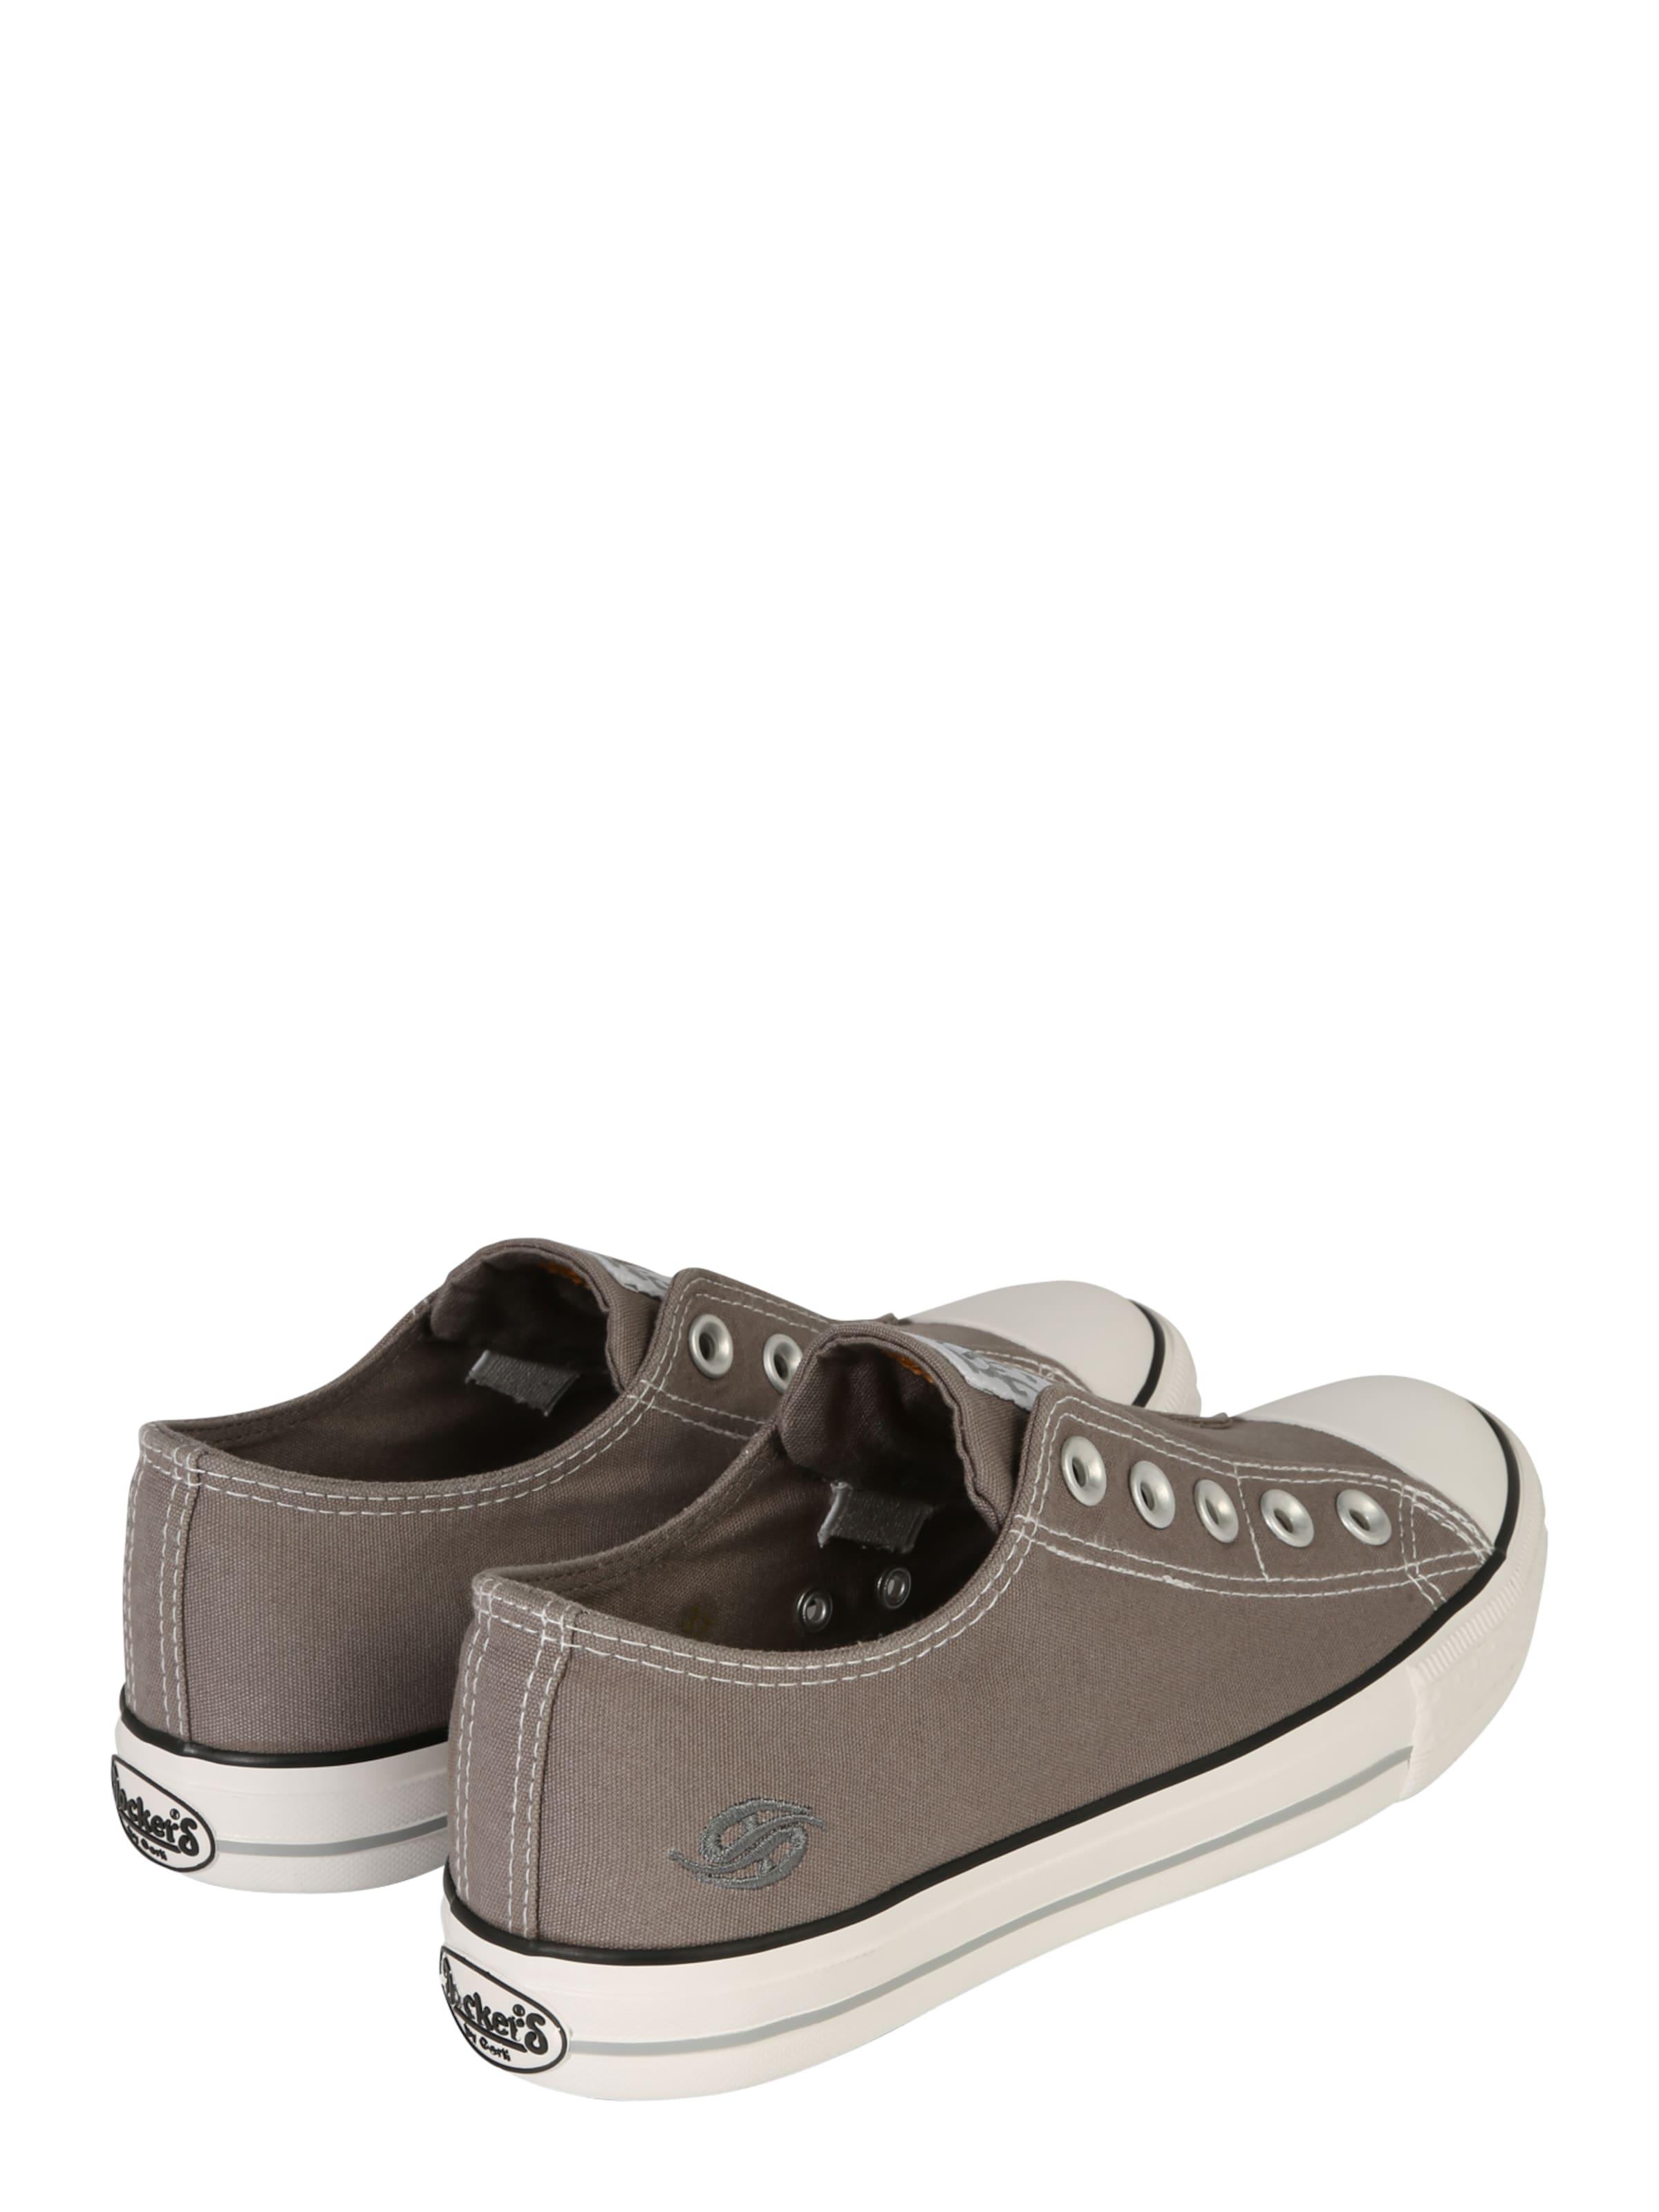 Dockers by Gerli Sneaker Low ohne Schnürung Billig Verkauf Heißen Verkauf Empfehlen Billig Spielraum Wahl Günstige Rabatte pQEoSBG3B